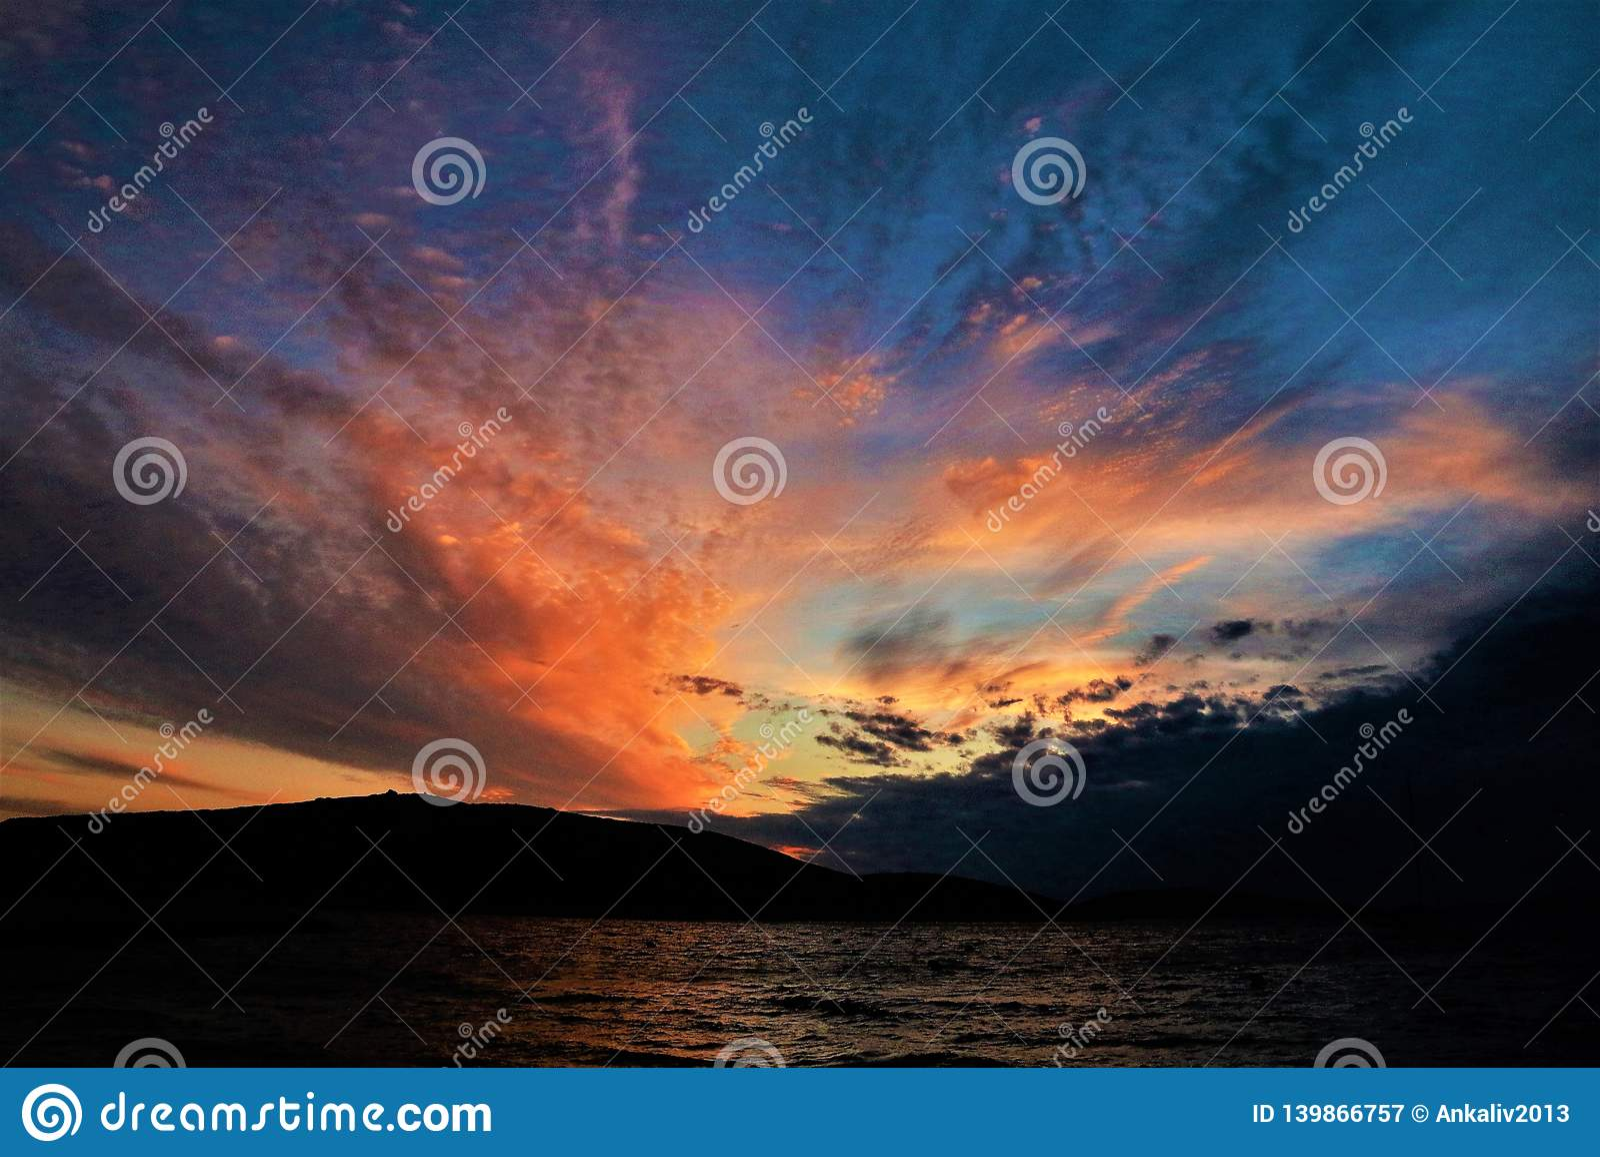 Het leven in het woestijneiland Kornati - de zonsondergang van Kroatië zoals geschilderd